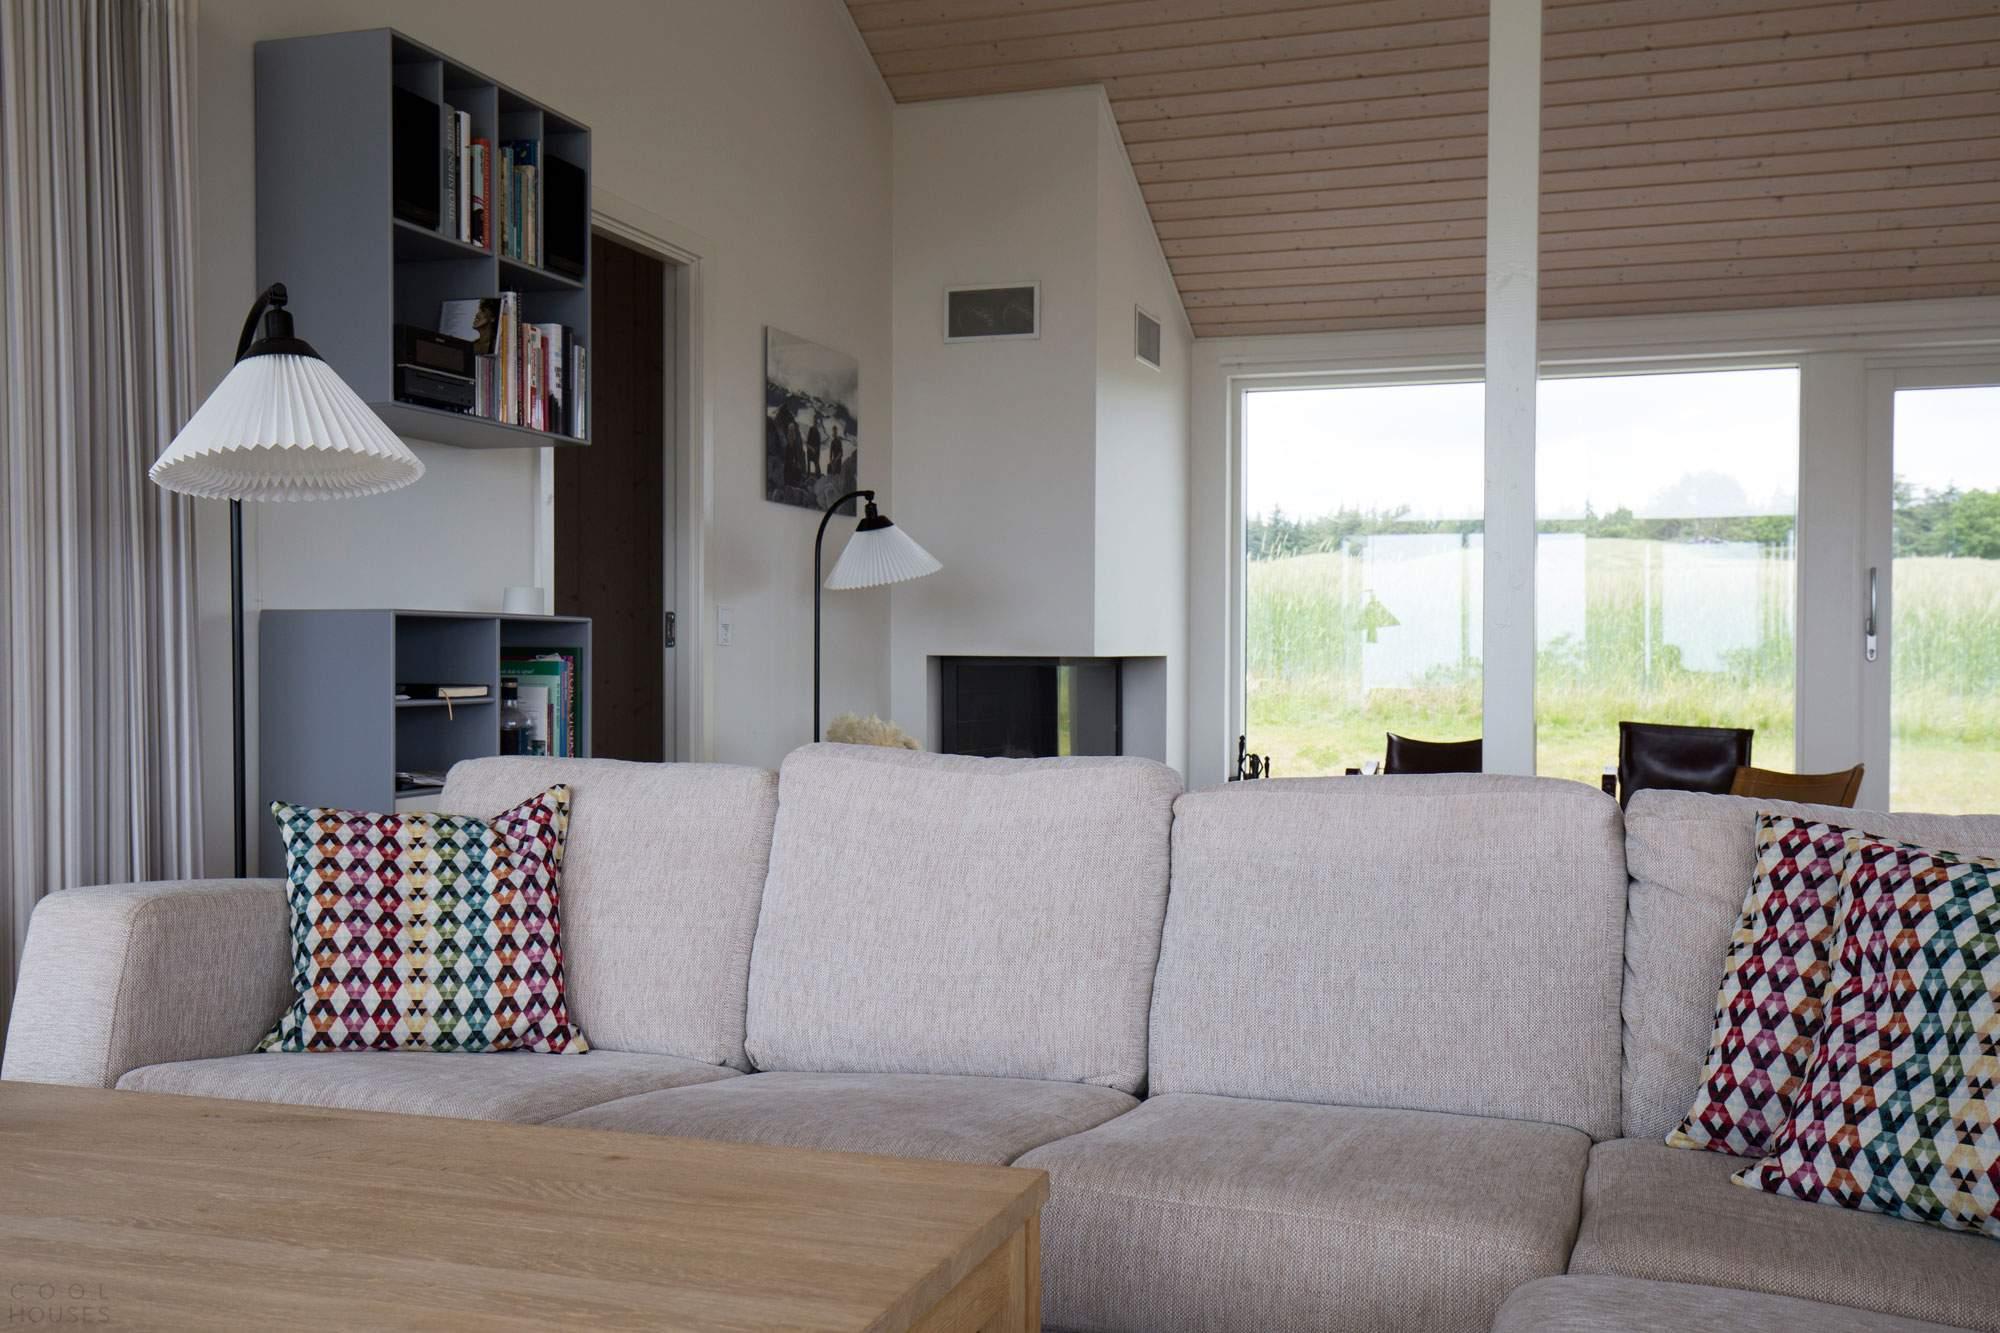 Современный романтичный летний дом от датской фирмы Lilje-Huset